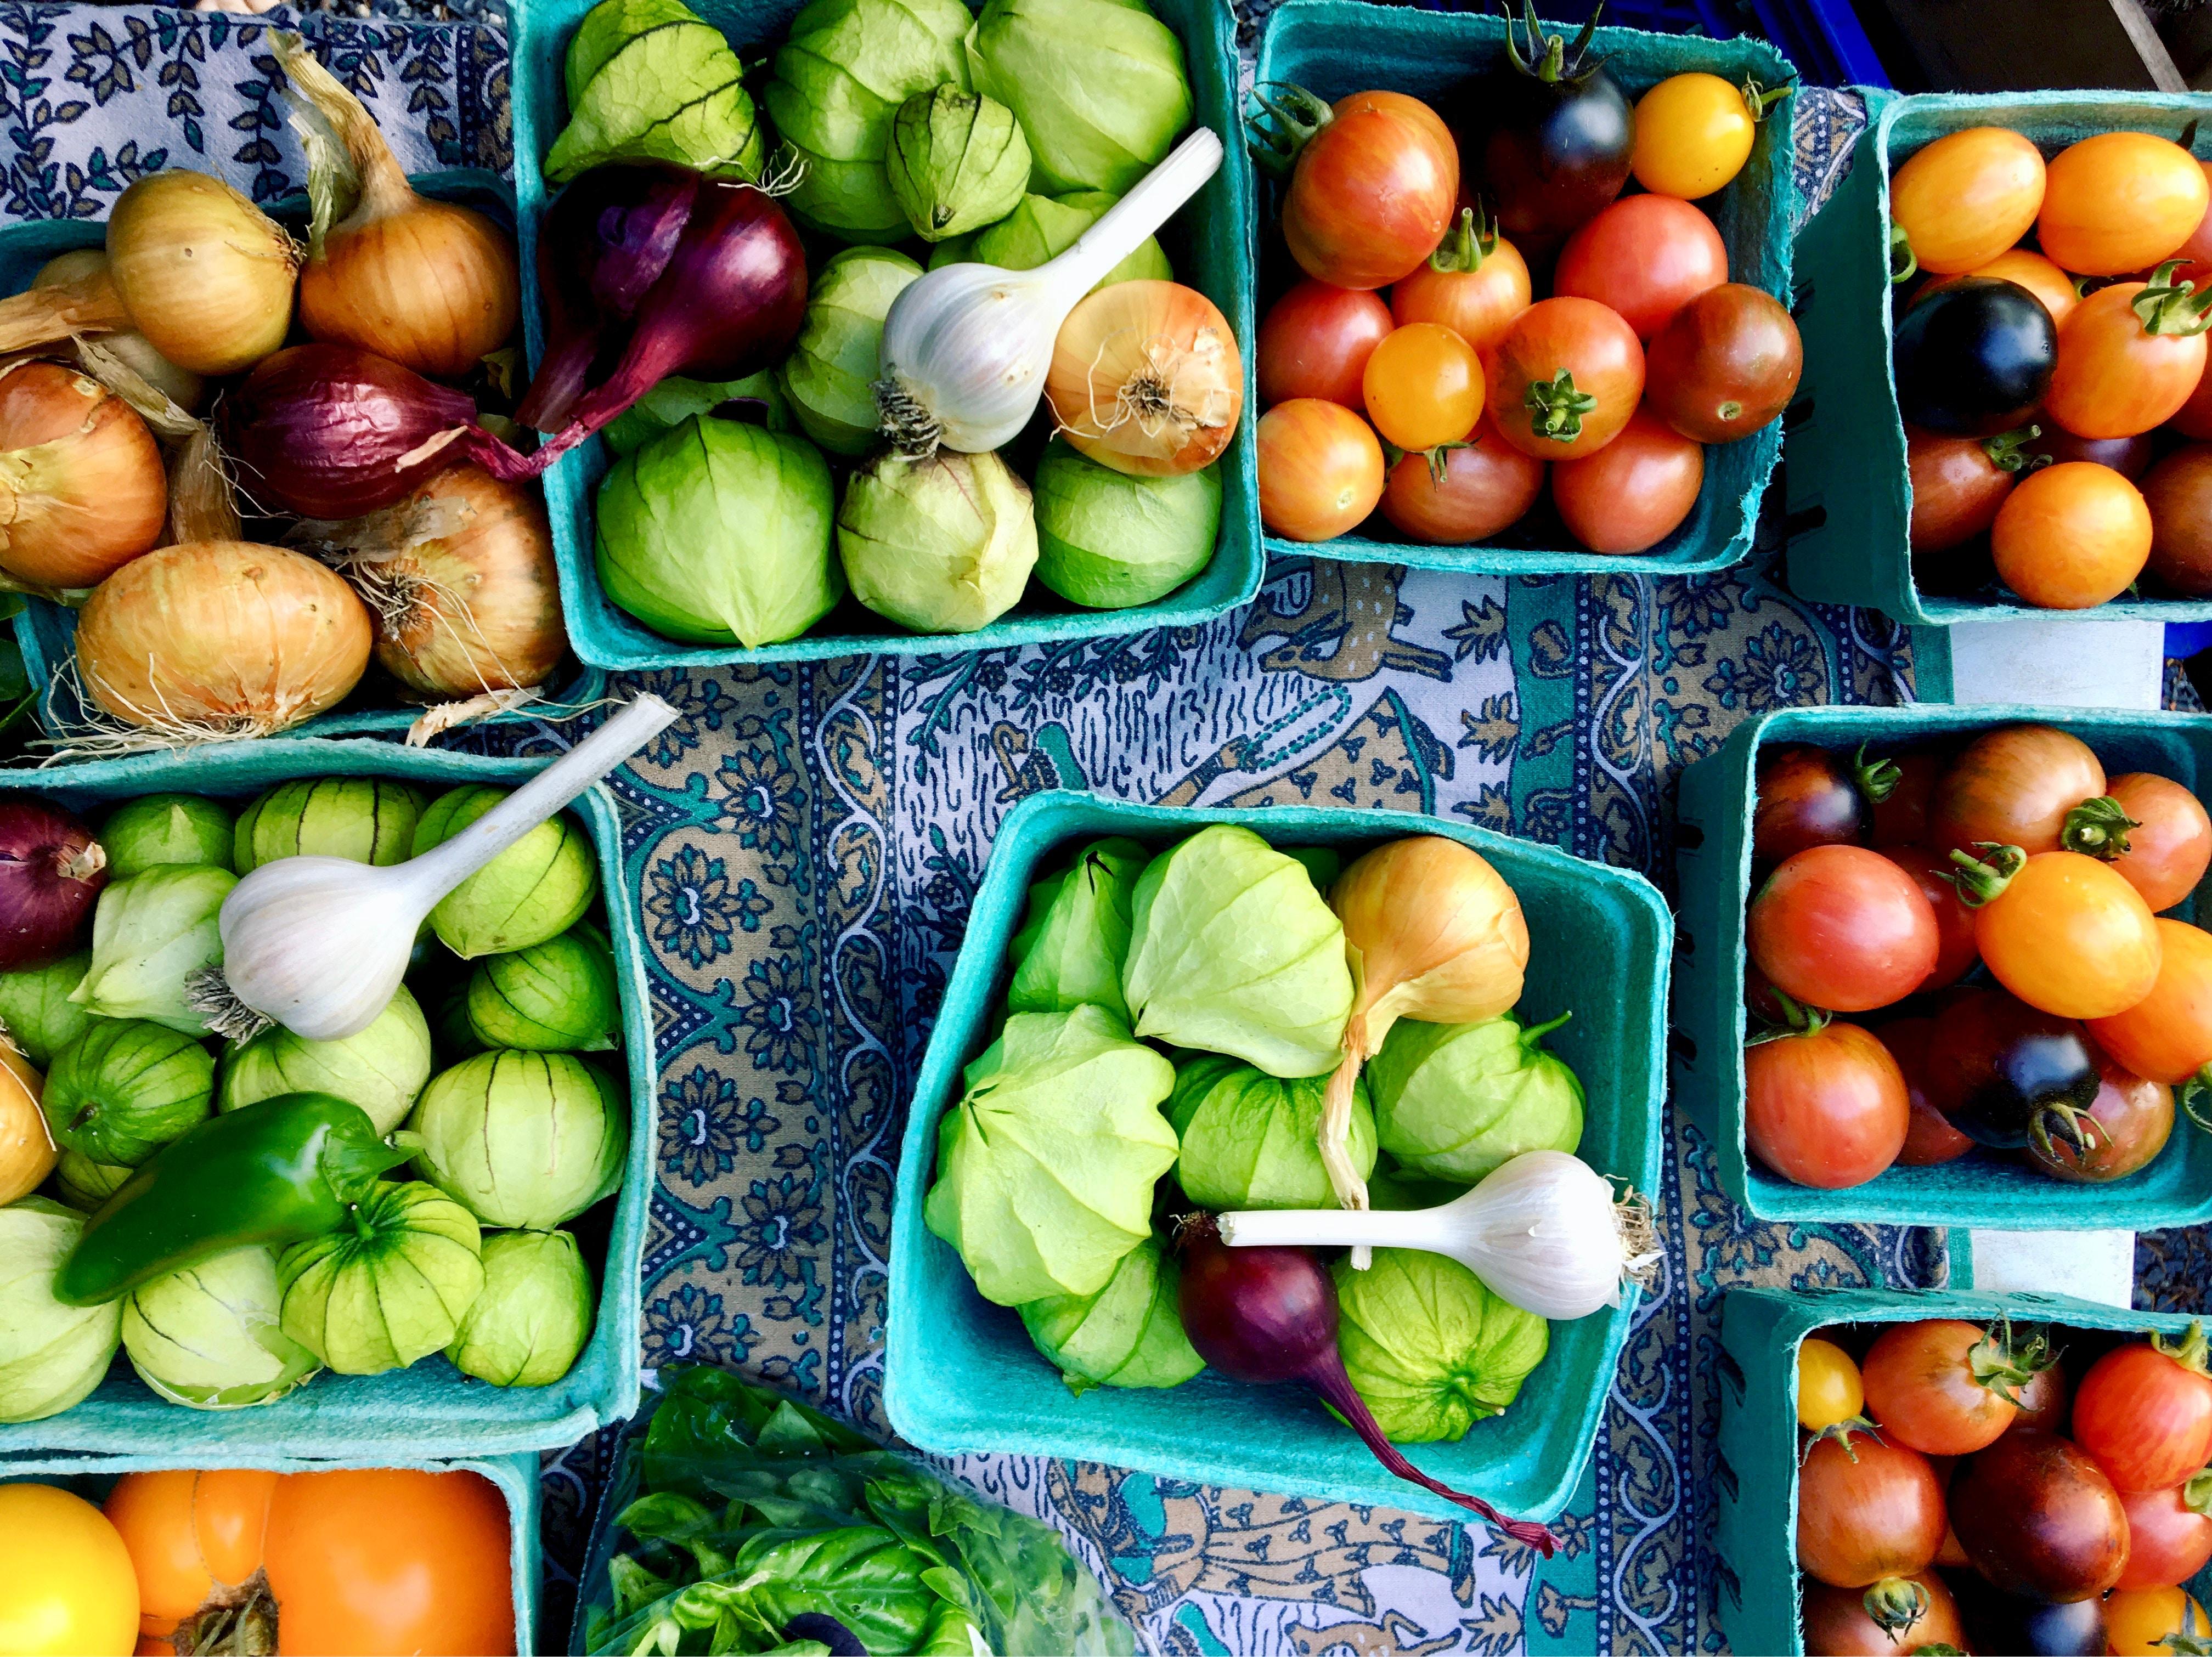 Die Vegginale in Nürnberg für Fair Goods und vegetarische Ernährung.